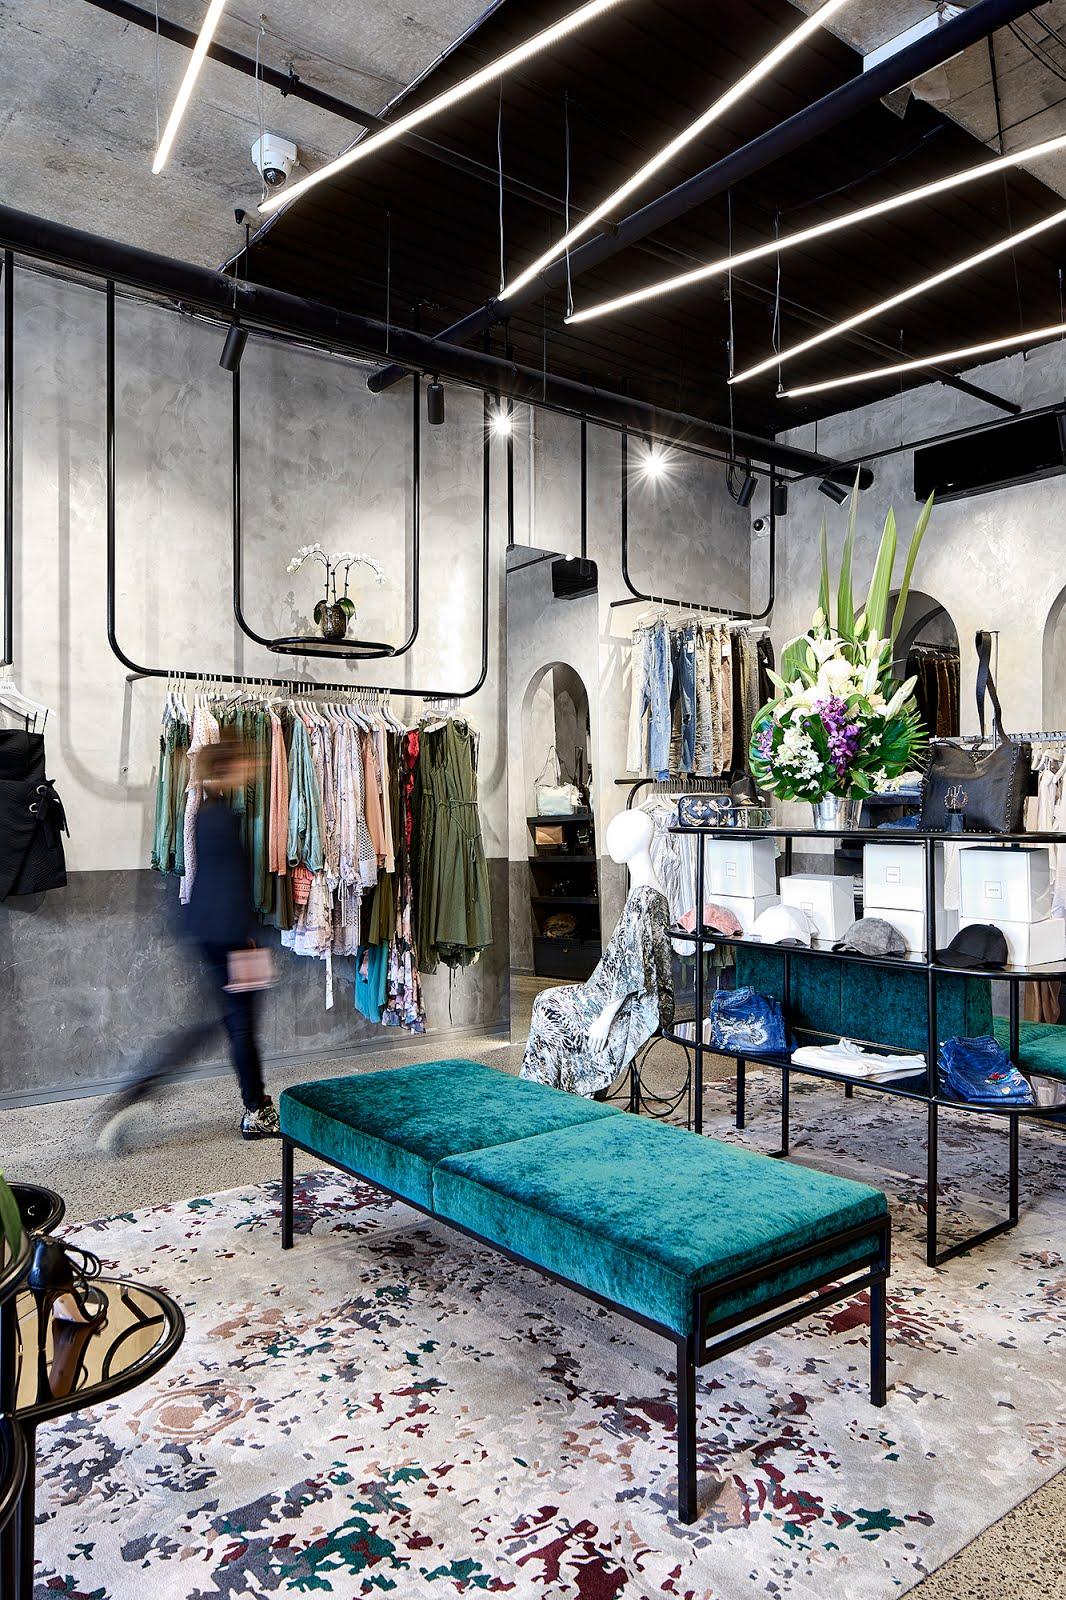 banquette en velours vert émeraude au milieu d'une boutique de vêtements aux mures en béton ciré